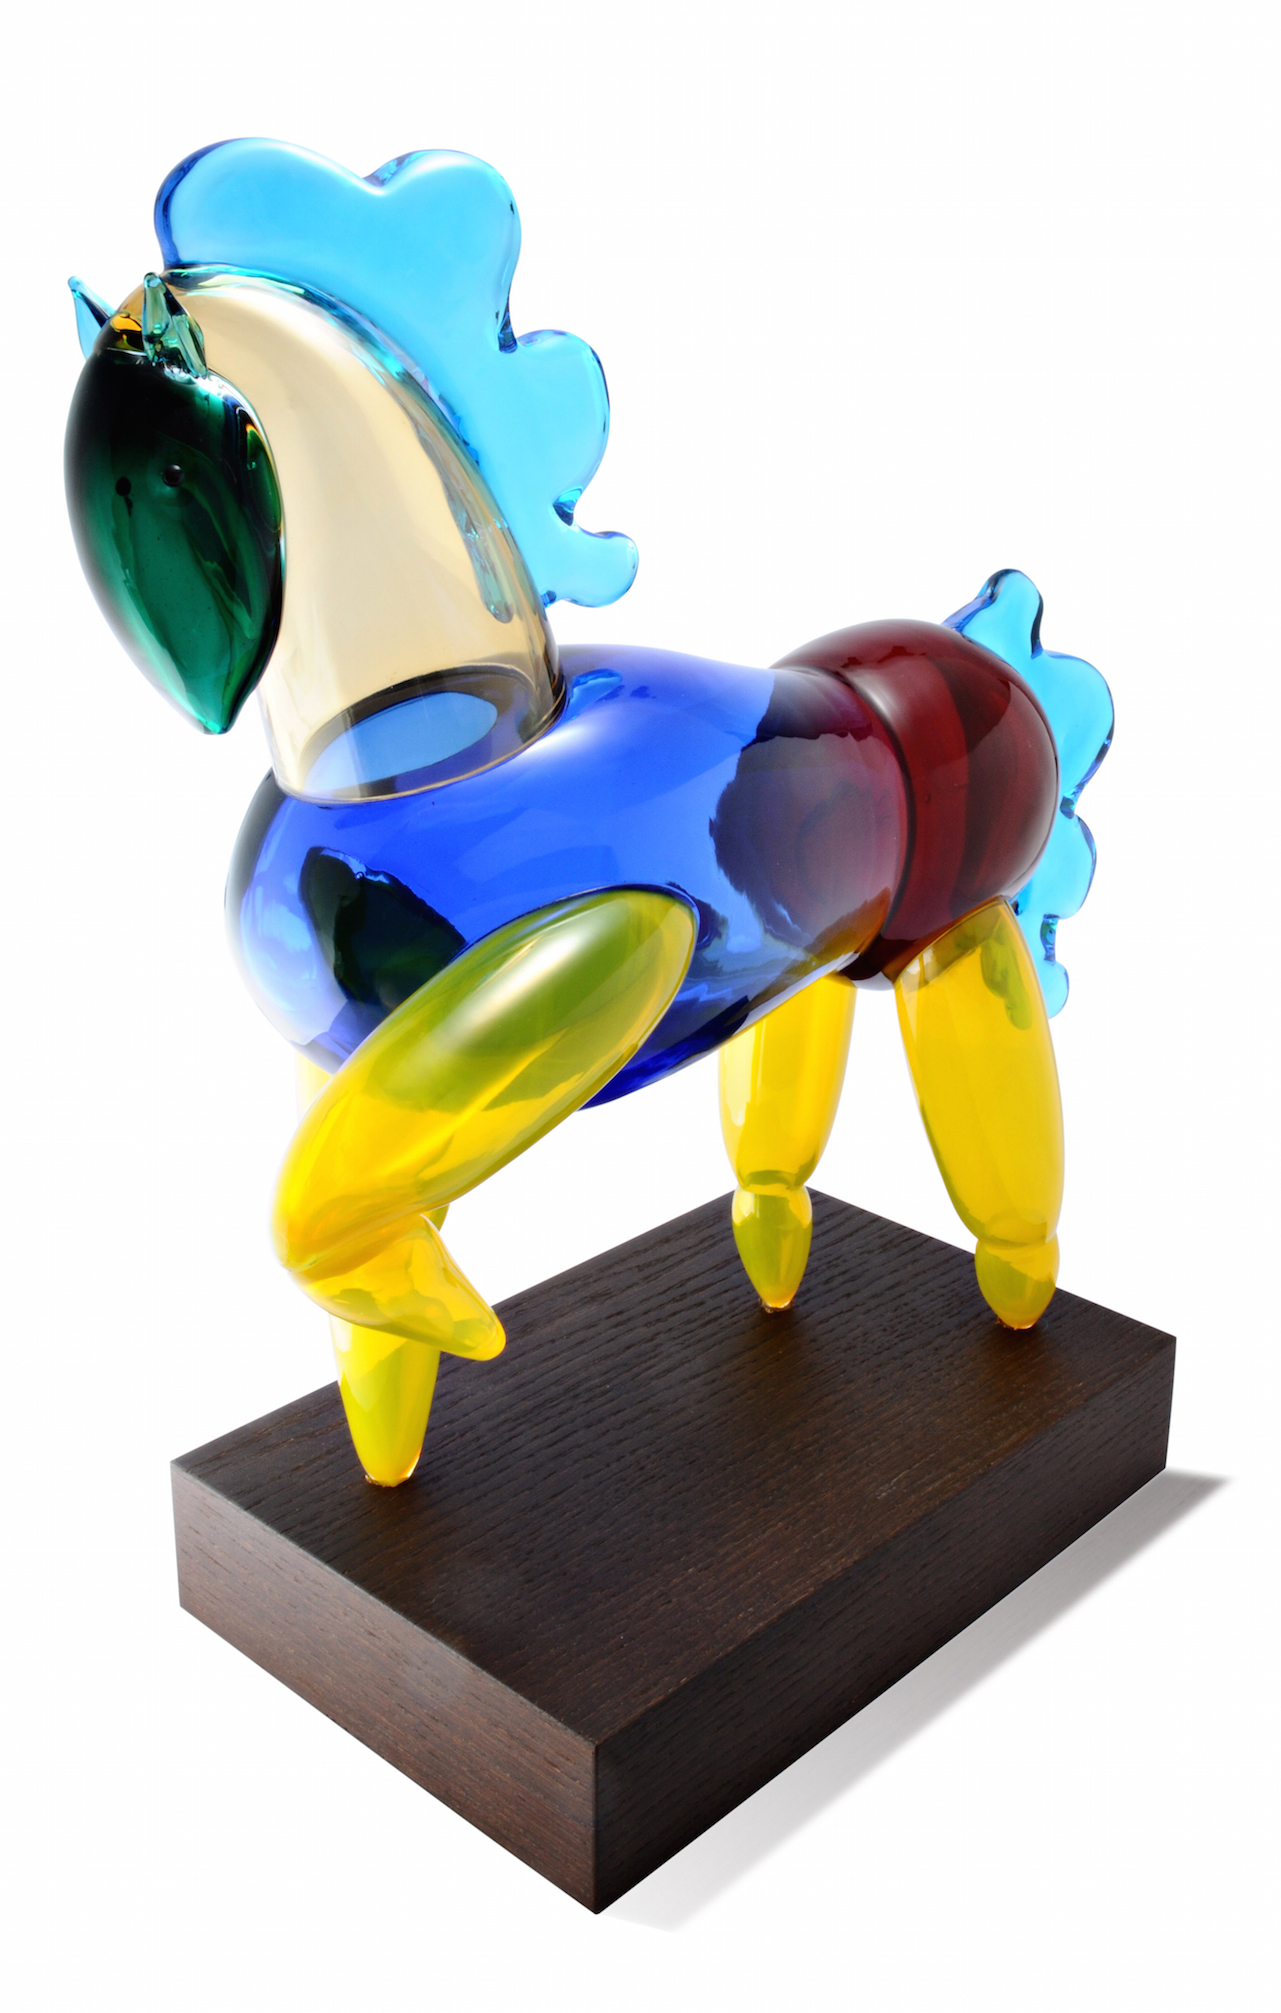 Cavallino, design by Alessandro Mendini per/for Venini, 2010.